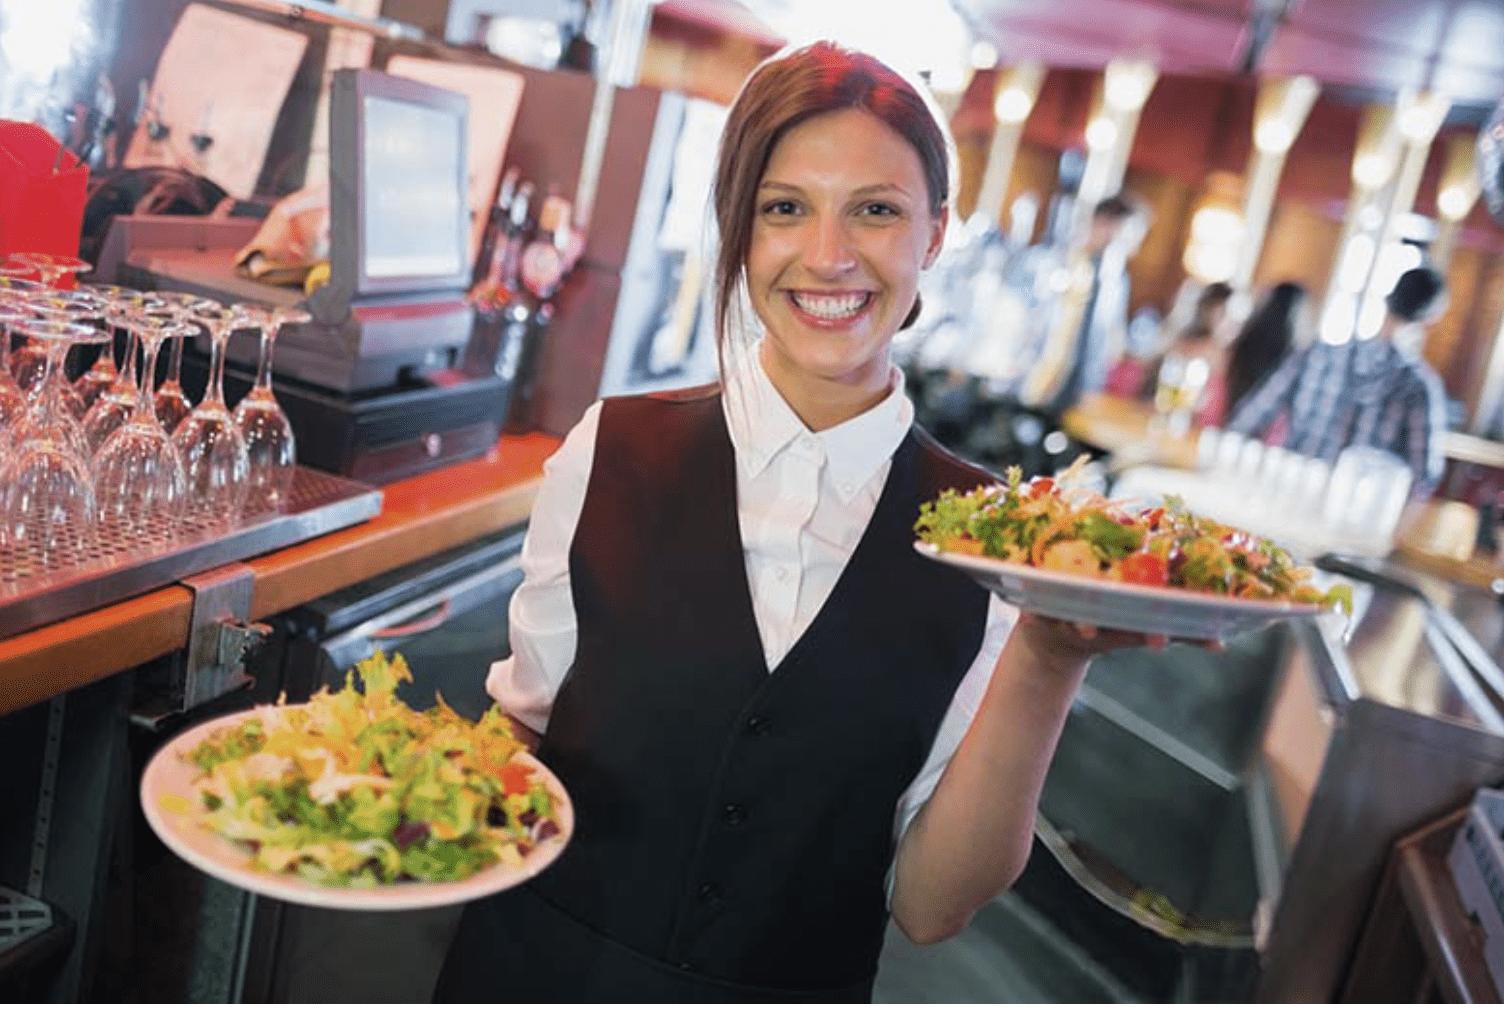 istockphoto-restaurant-wait-staff